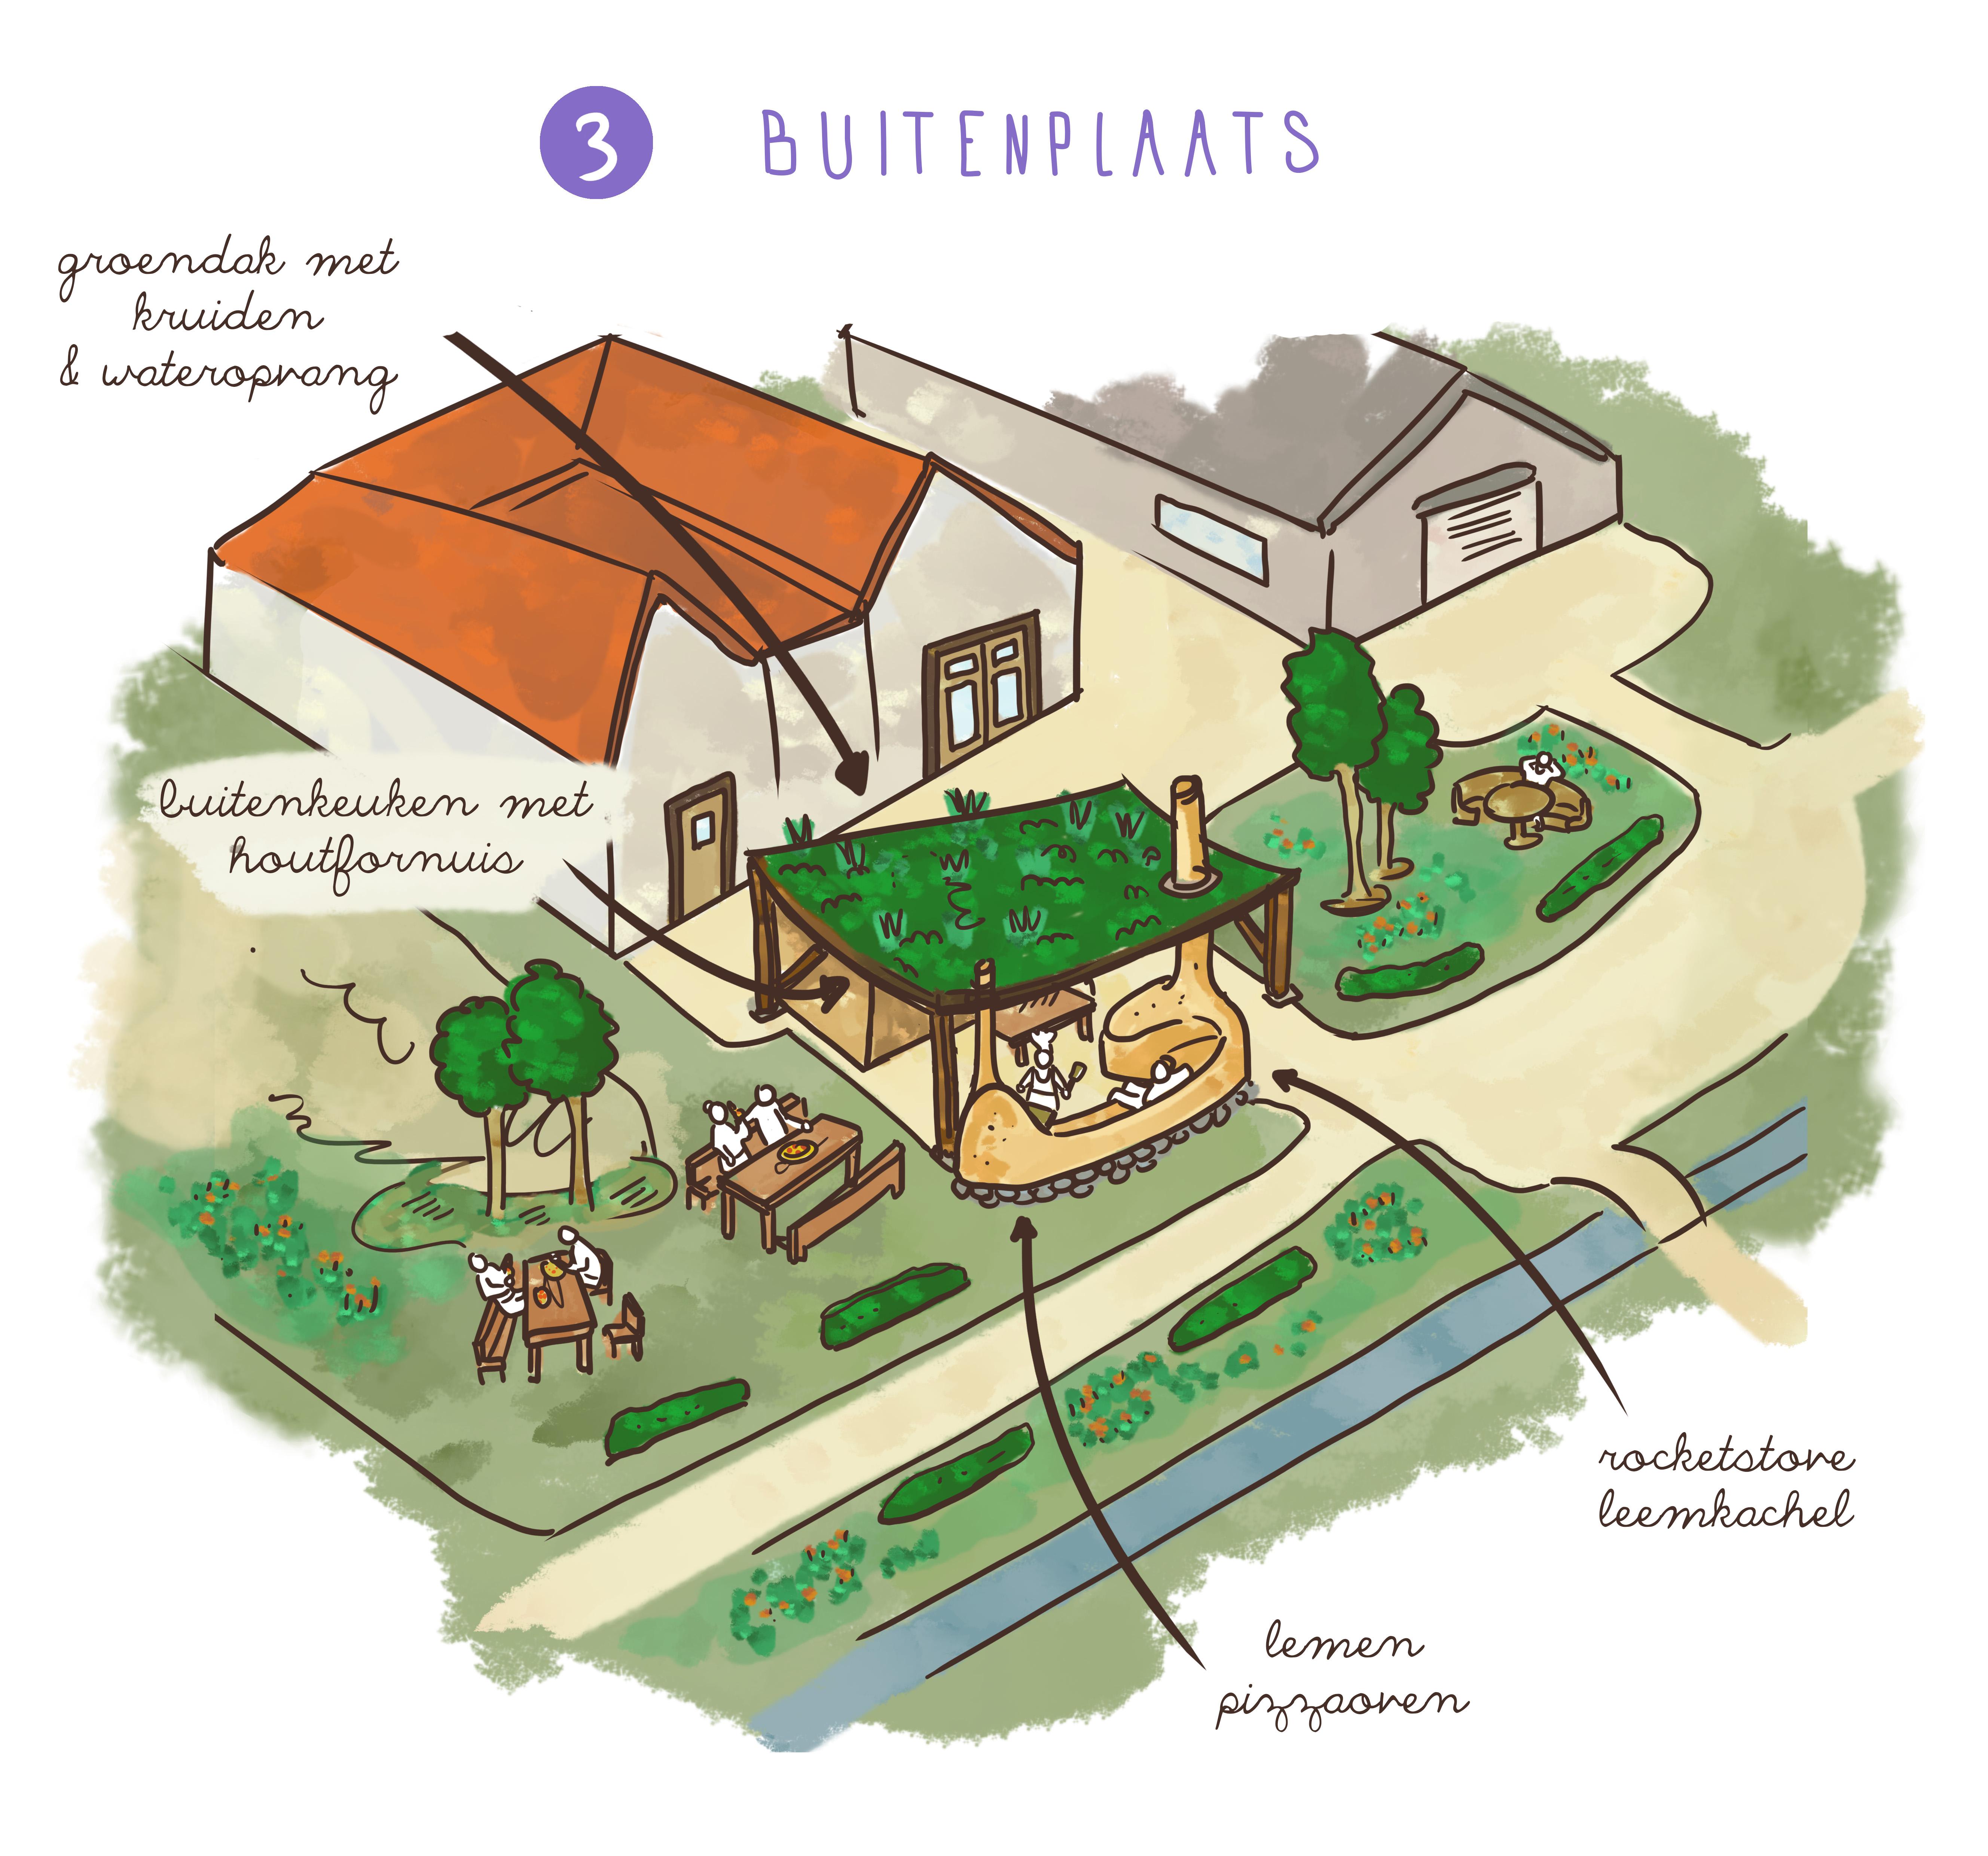 Aanwezig en deels in aanbouw - Illustratie door Sylvia Machgeels / http://sylviamachgeels.nl